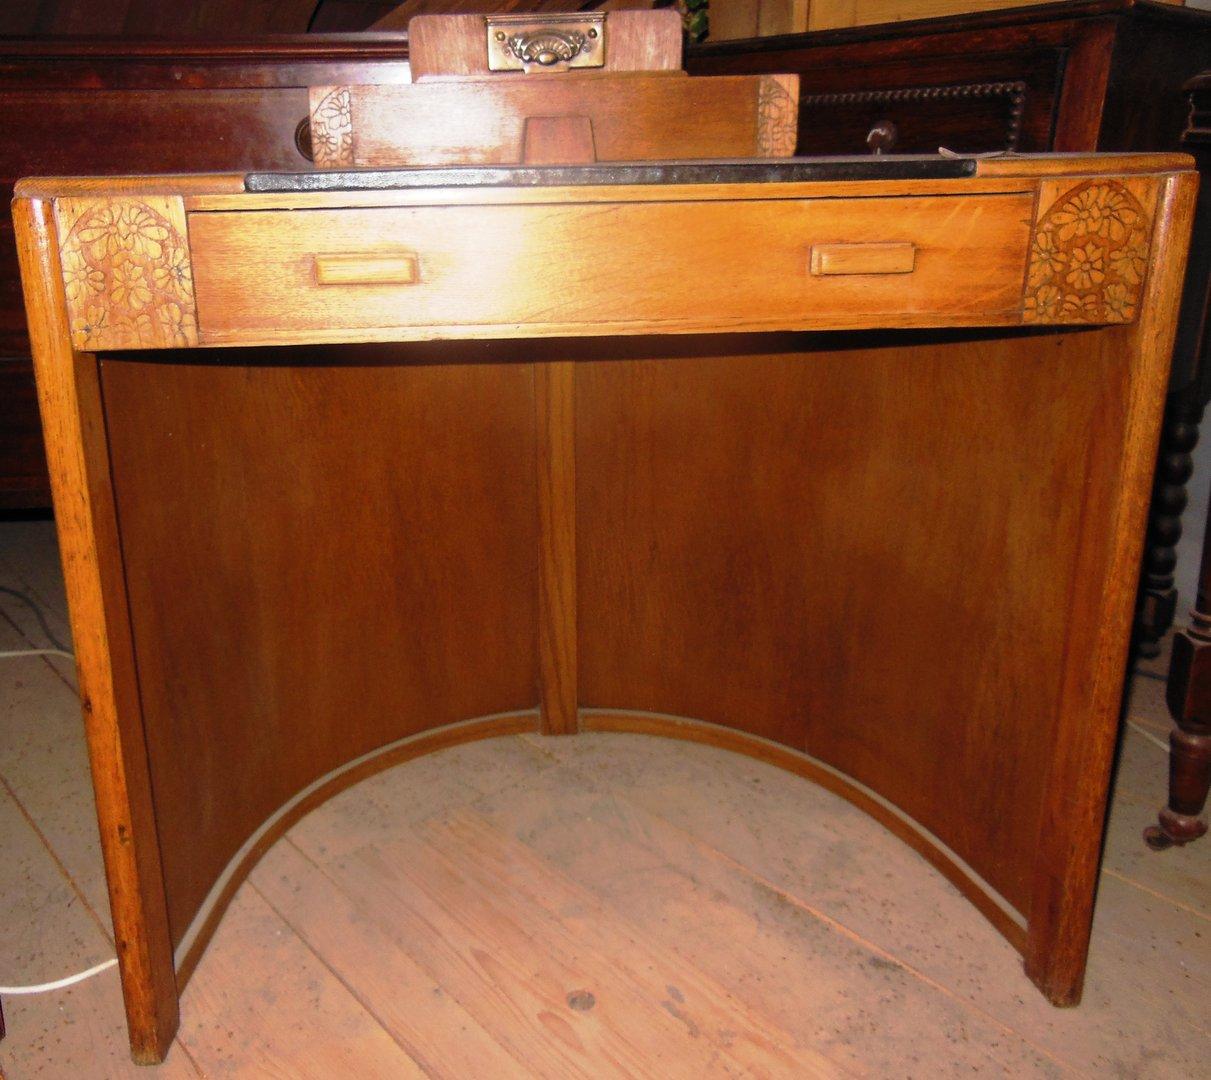 art deco schreibtisch hell mit leder um 1925 antik m bel antiquit ten alling bei m nchen. Black Bedroom Furniture Sets. Home Design Ideas